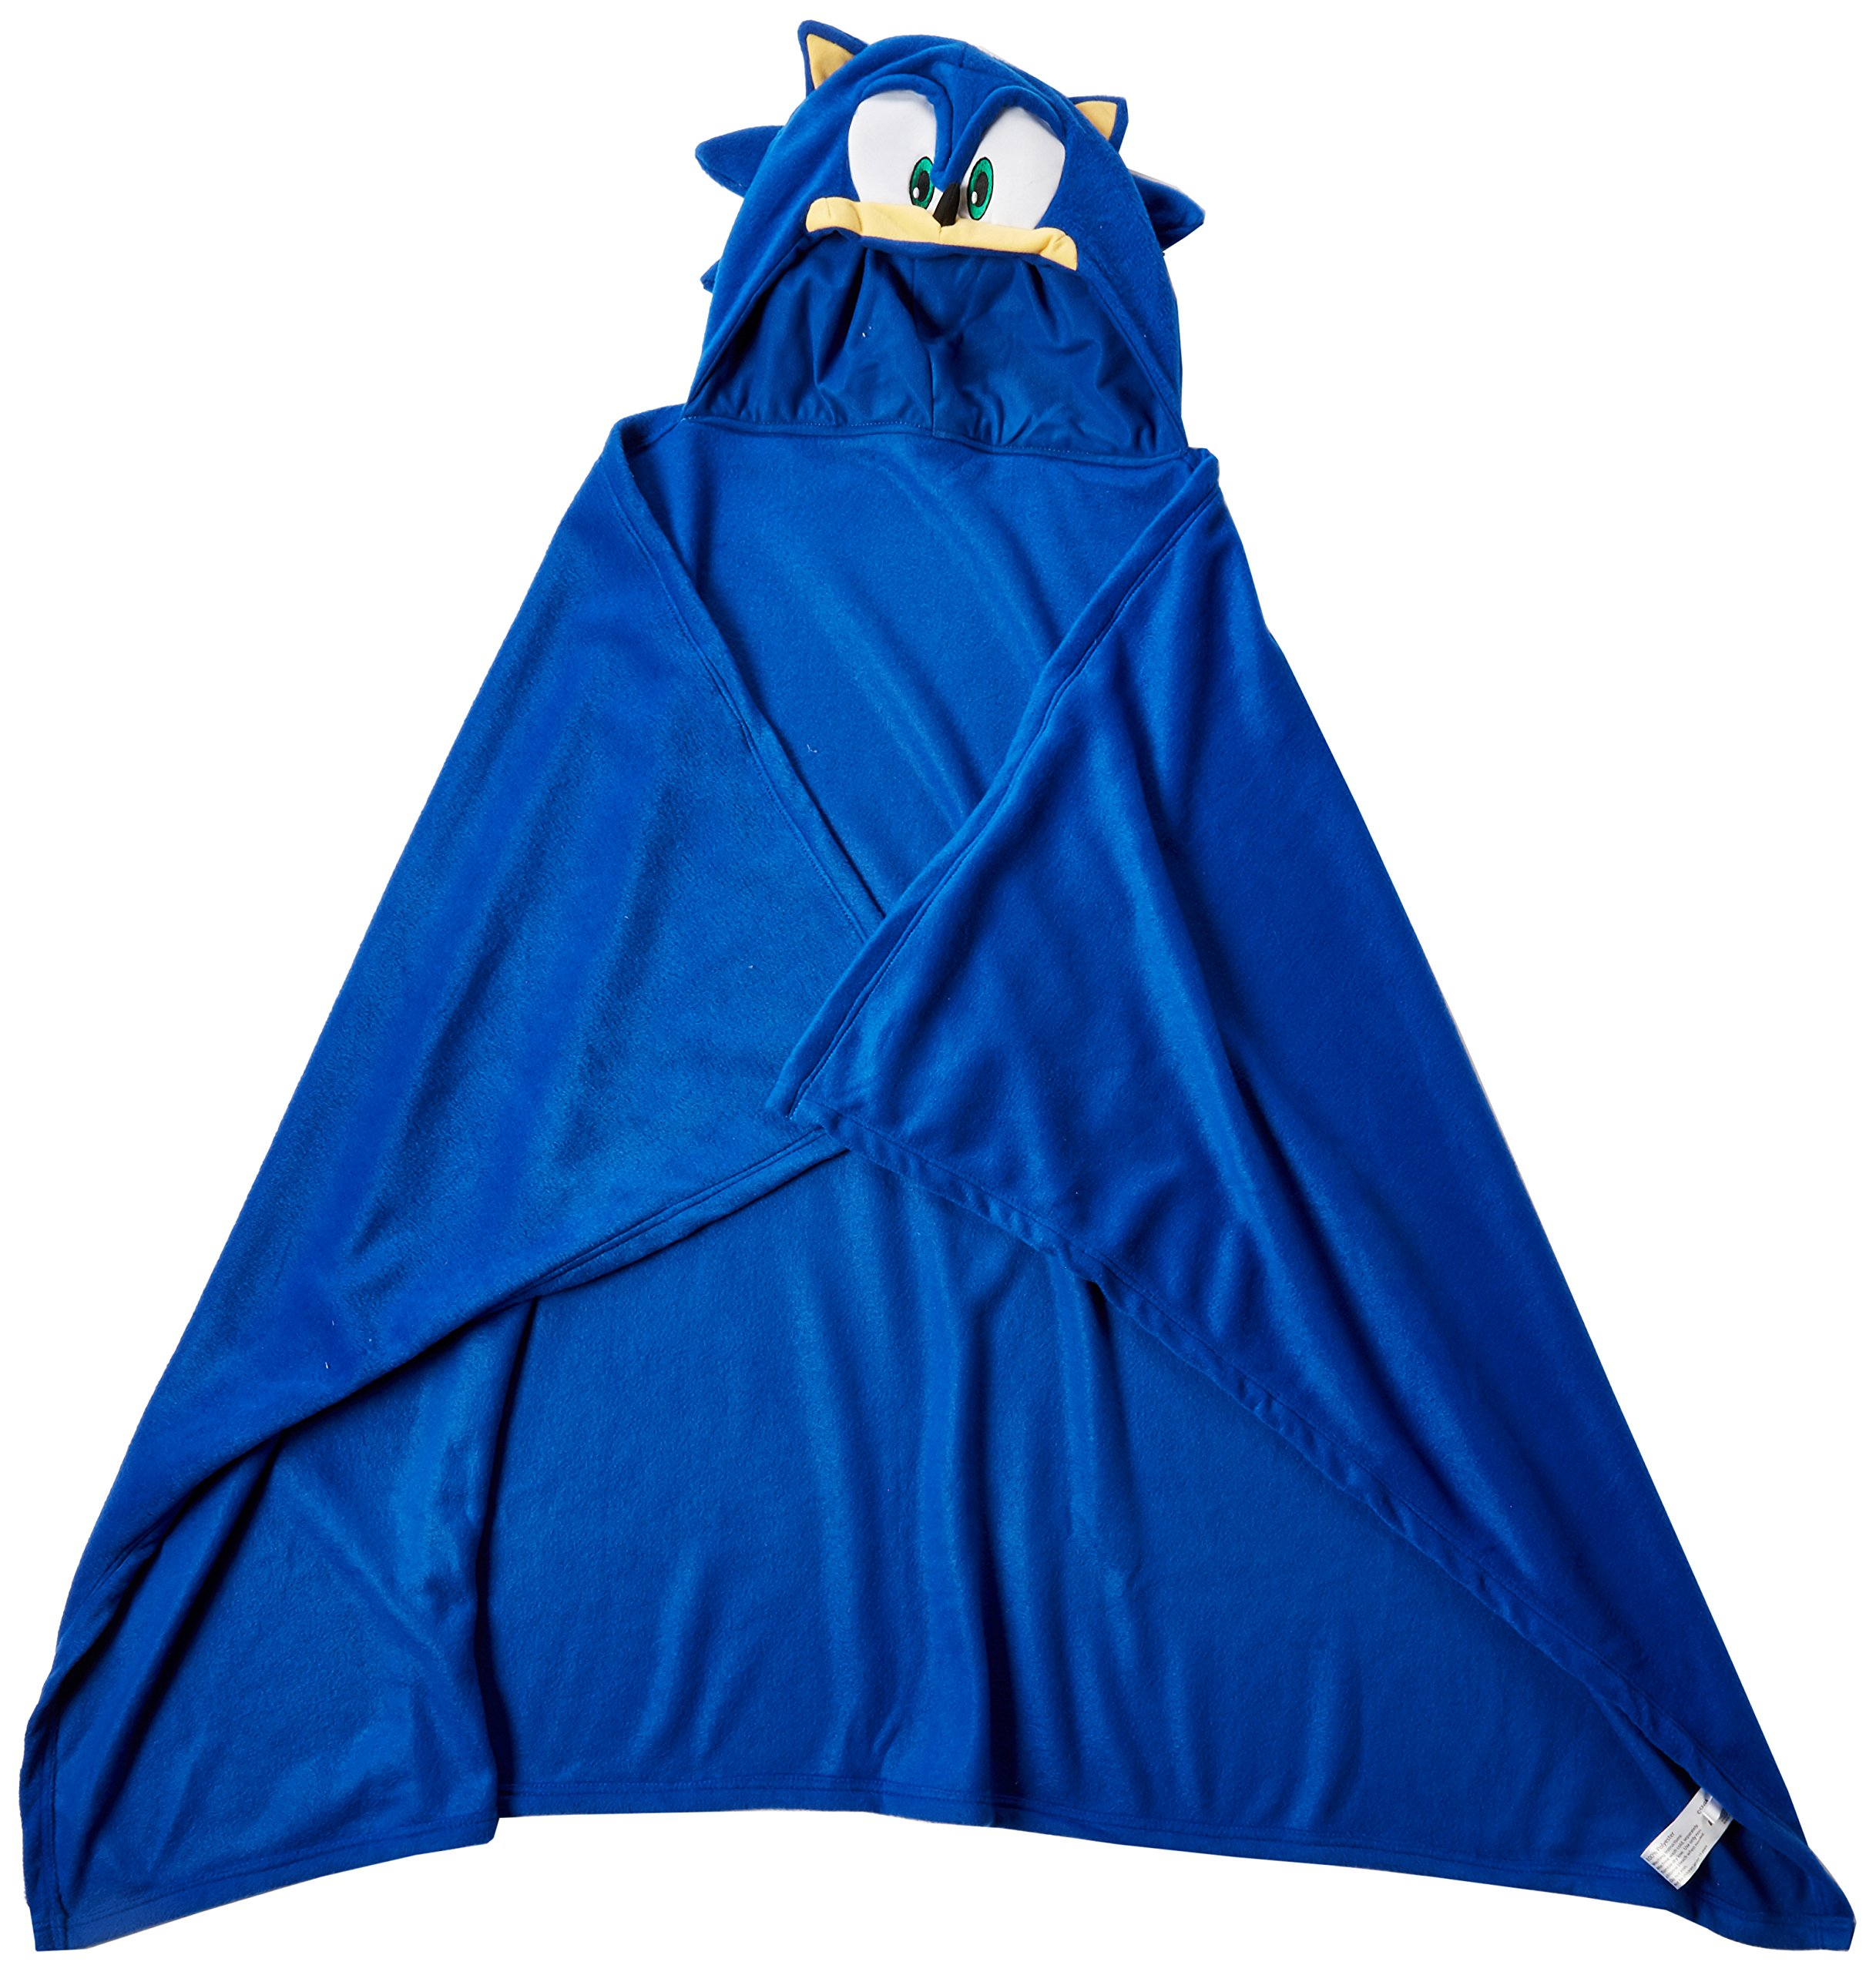 Great Eastern Sonic The Hedgehog GE-34020 Sonic Head Hoodie Blanket 57'' x 41'' by Great Eastern (Image #1)